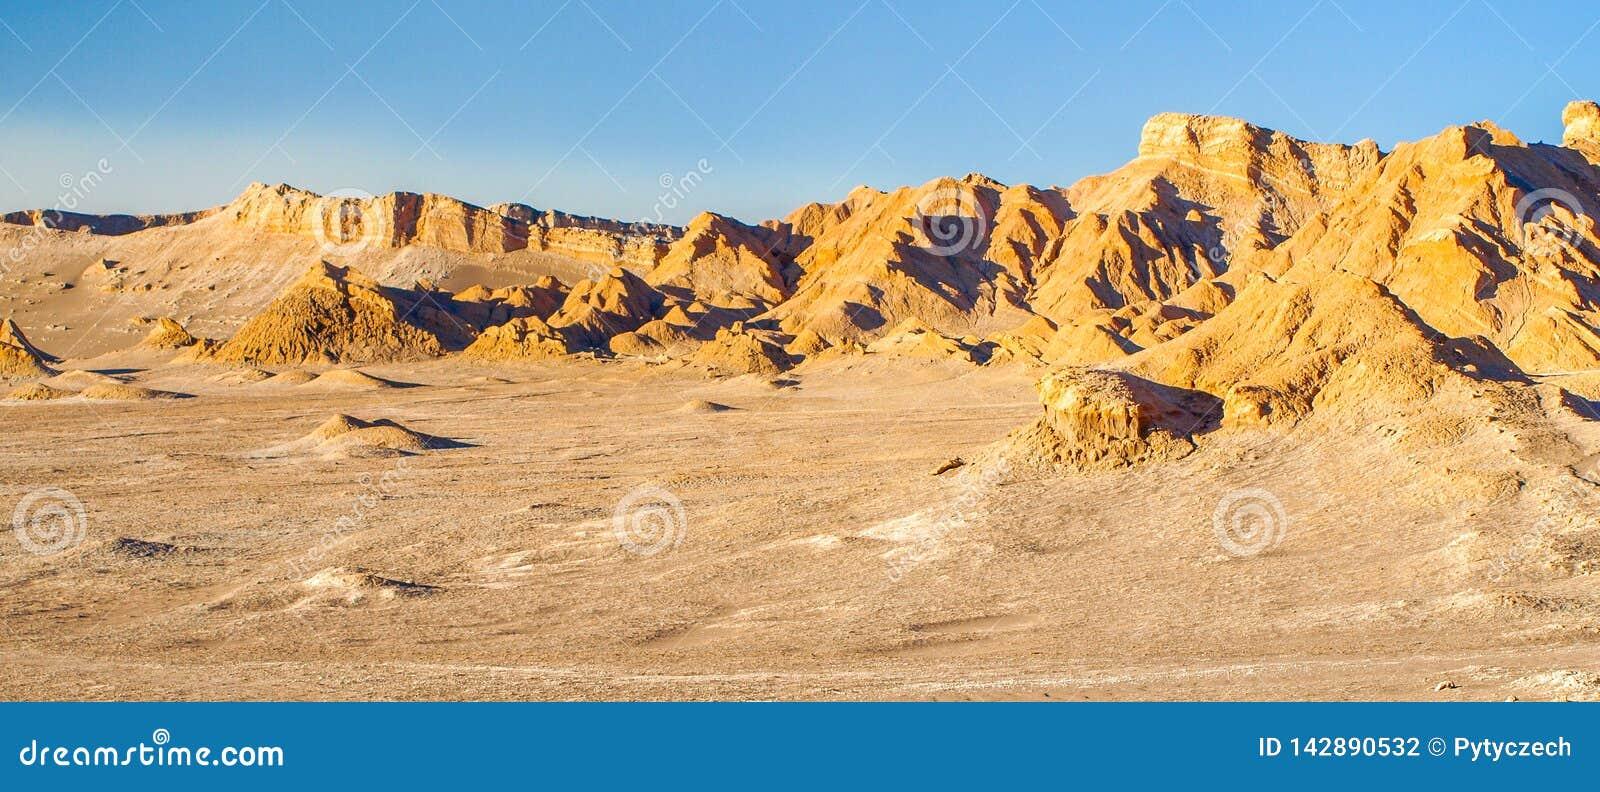 Deserto do Vale da Morte od Atacama perto de San Pedro de Atacama, o Chile